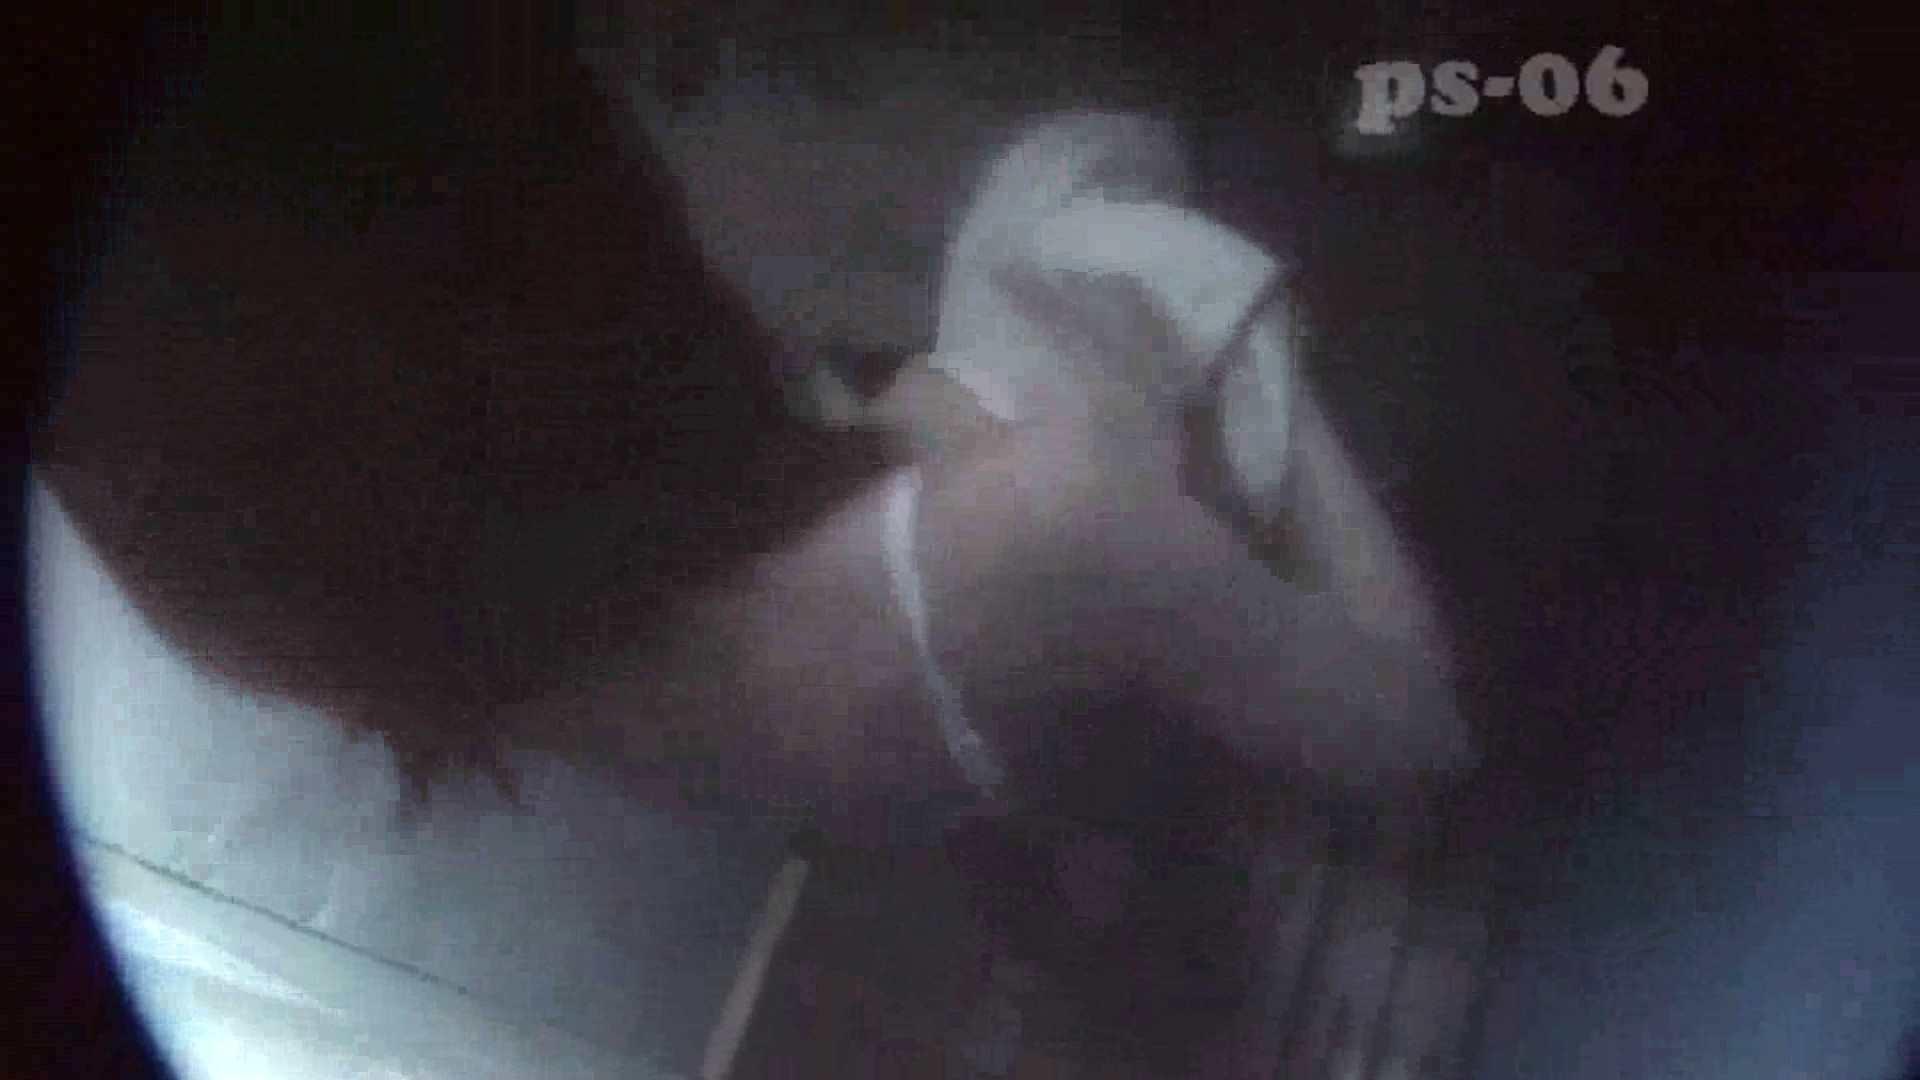 シャワールームは危険な香りVol.6(ハイビジョンサンプル版) シャワー 性交動画流出 60連発 22